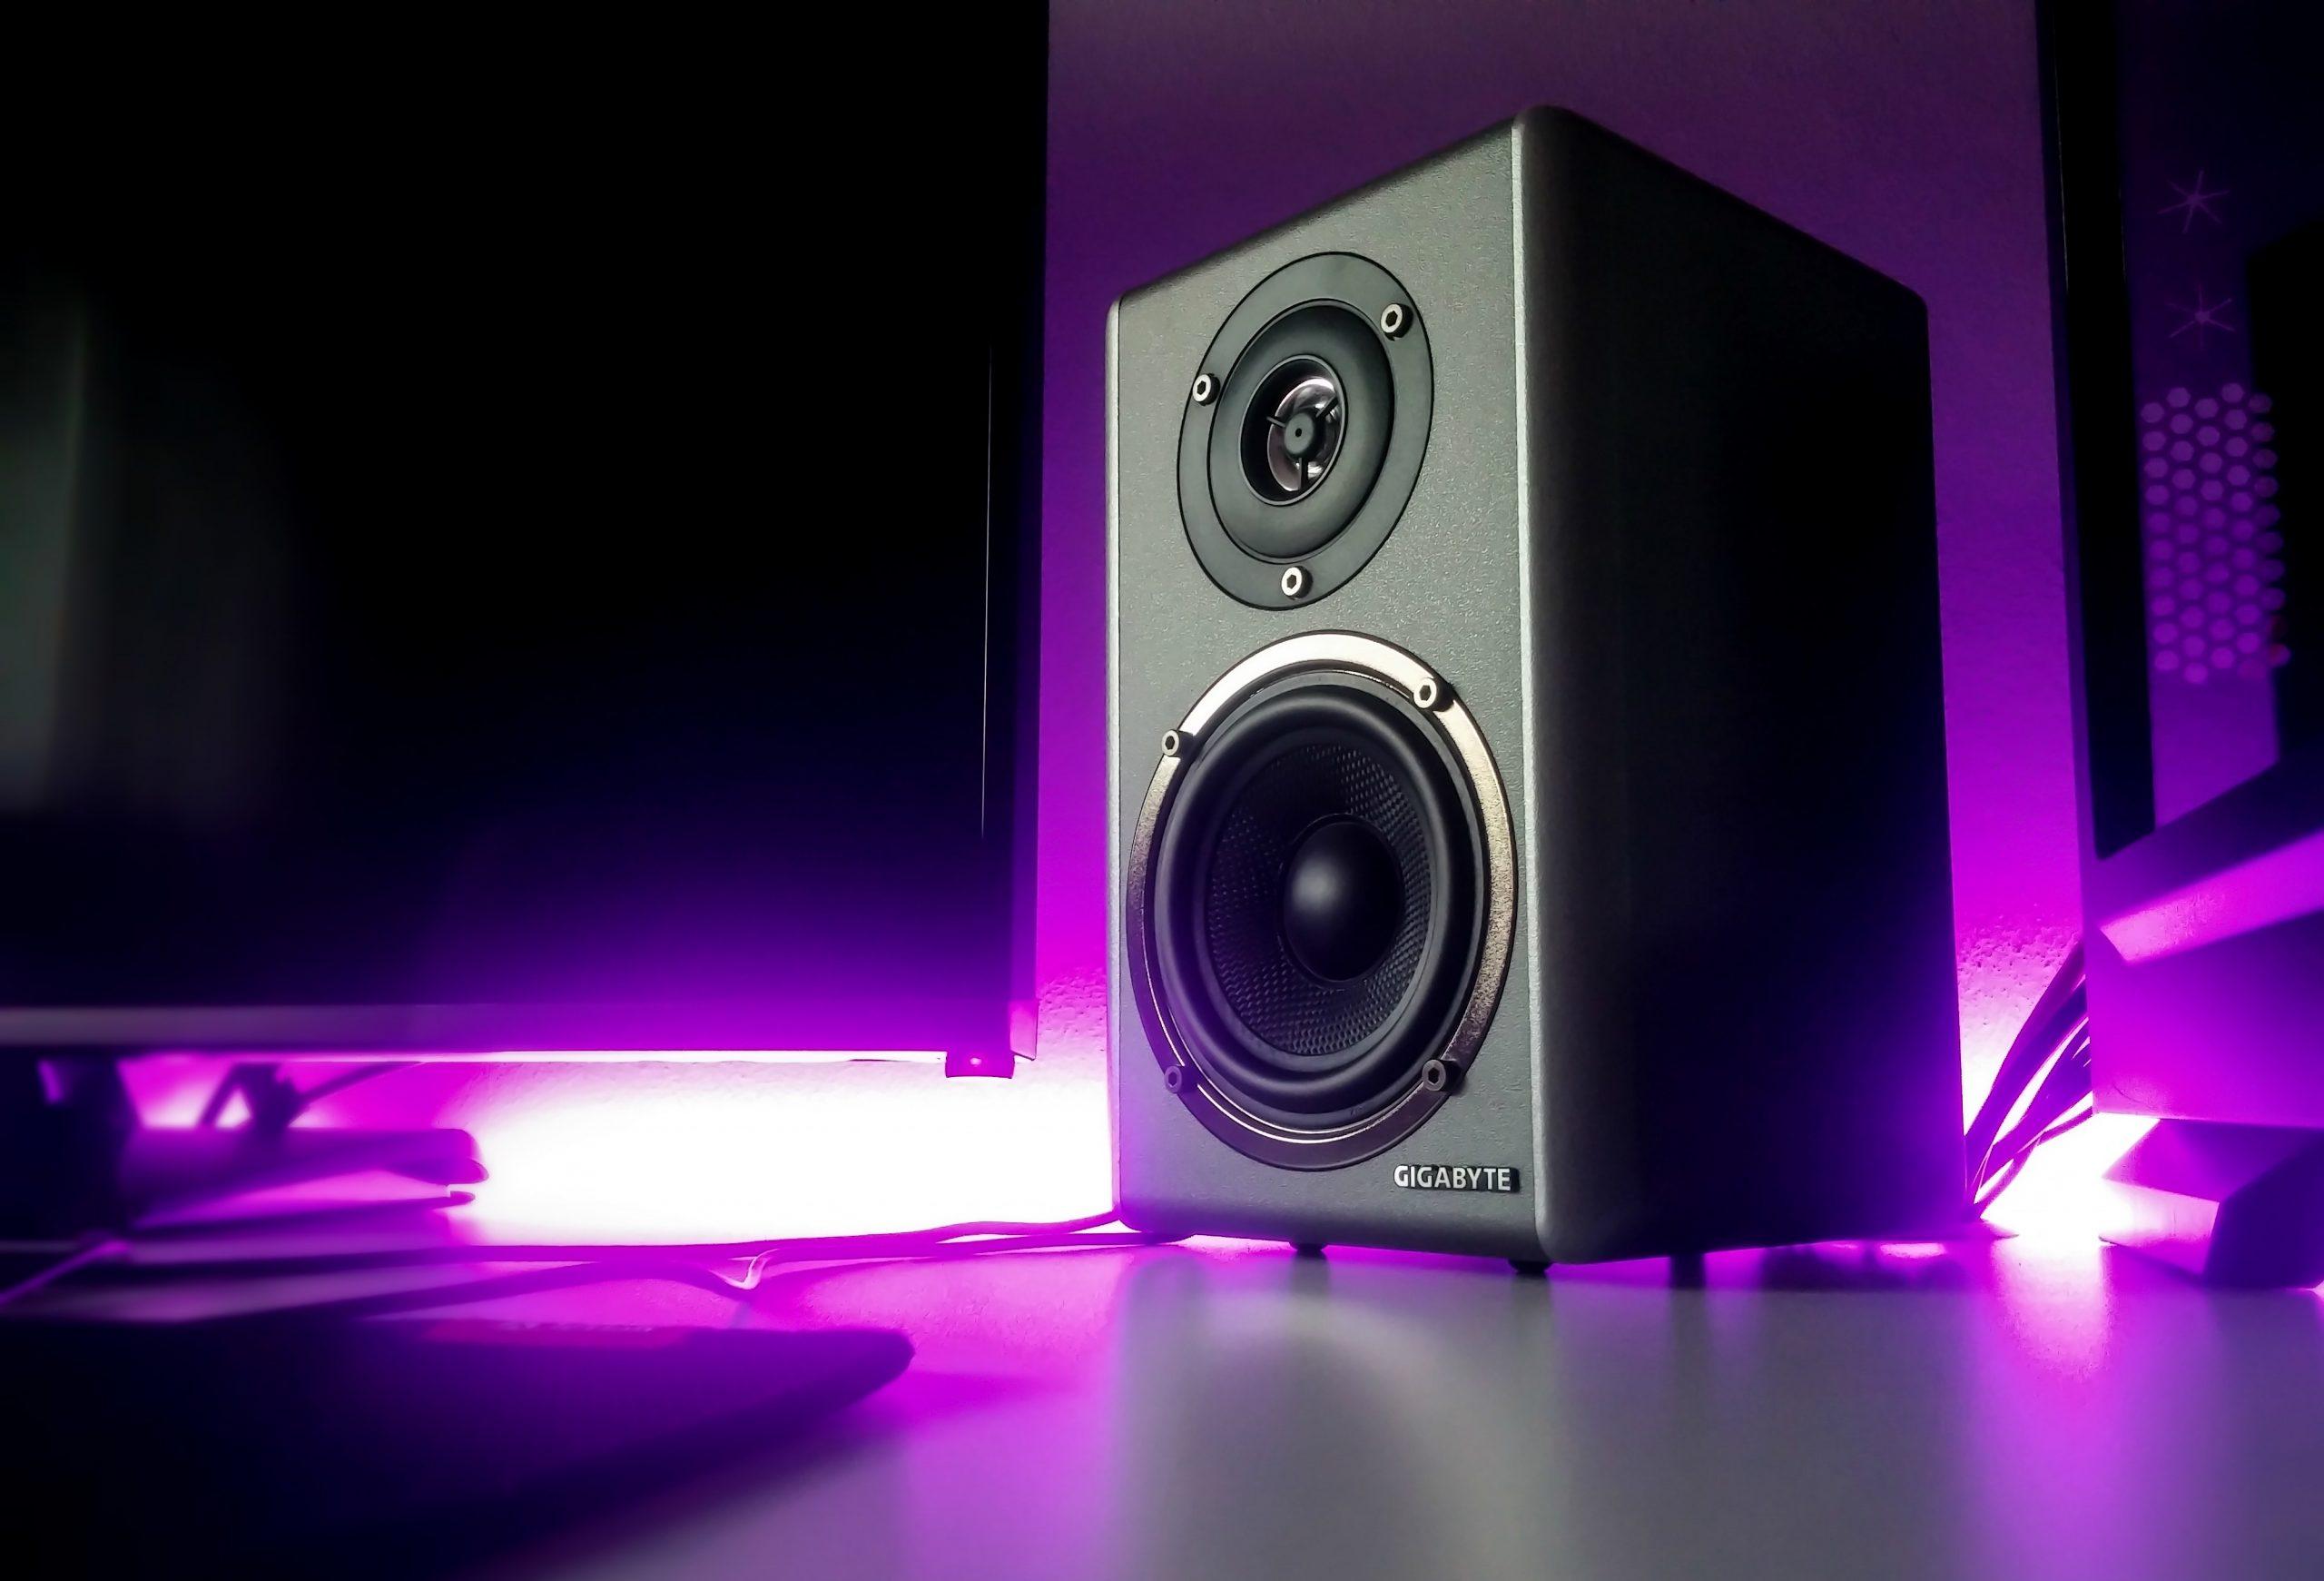 Monitor de áudio: Como escolher o melhor equipamento de som em 2020